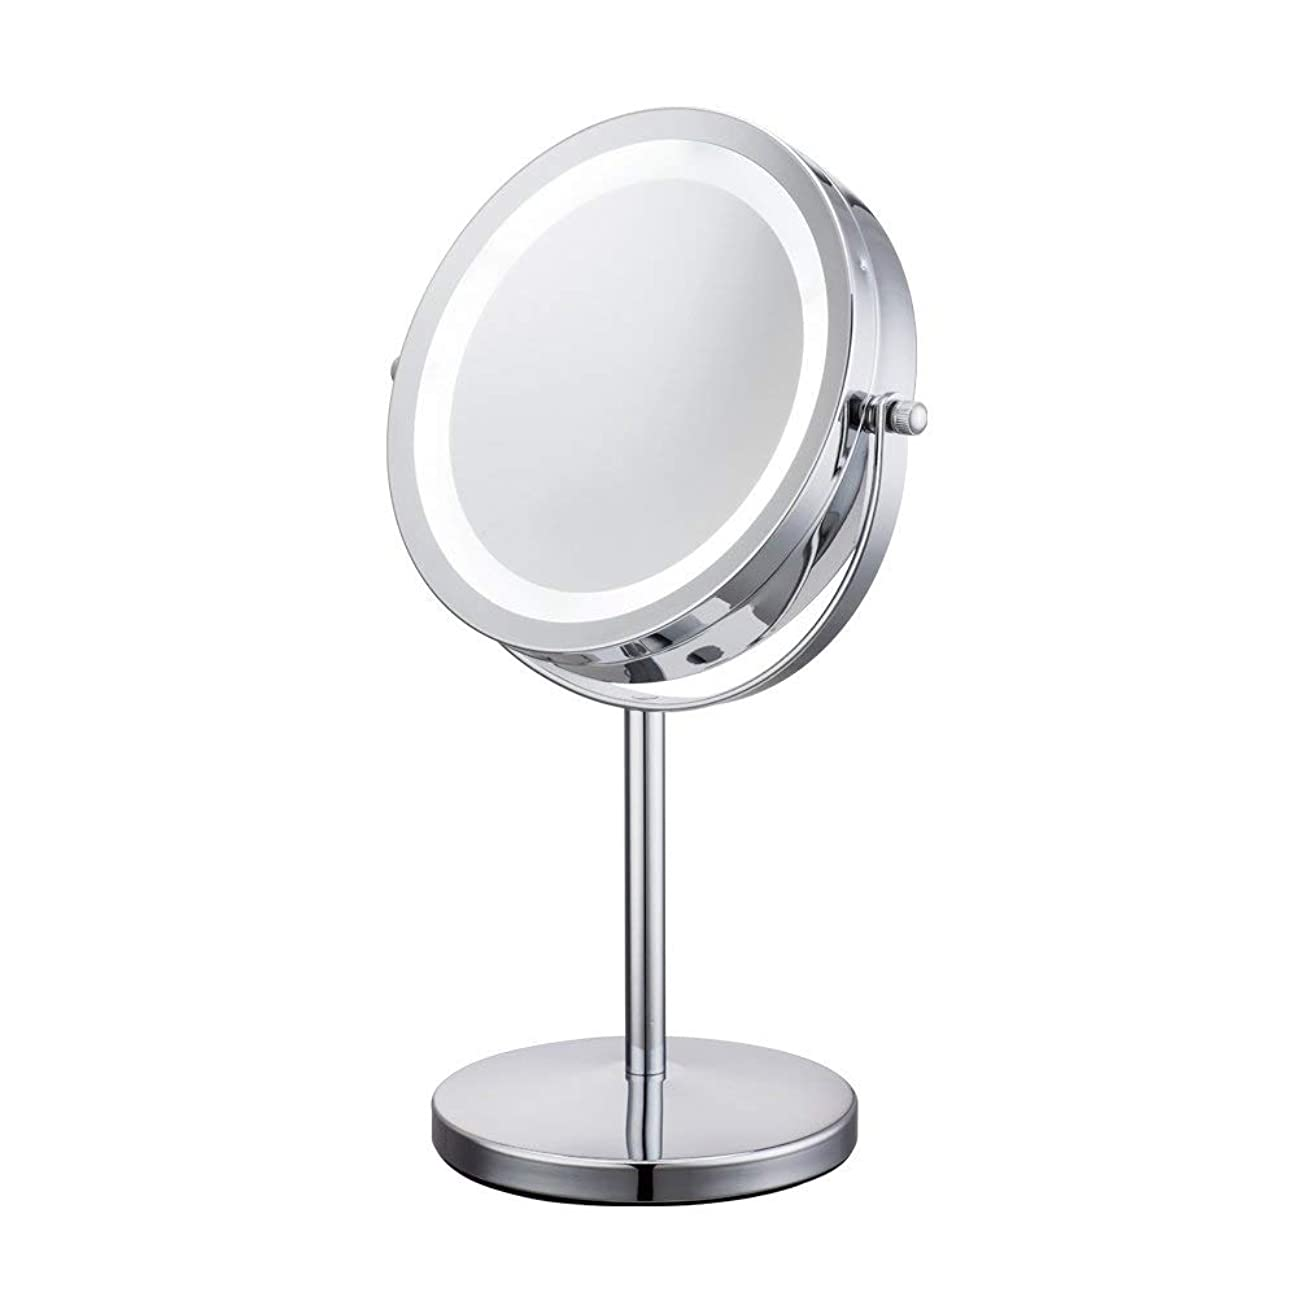 緩やかな前者夕方YBJPshop 10X LEDの虚栄心ミラーライトが付いている7インチの化粧品のテーブルミラー 美容鏡化粧室バスルーム